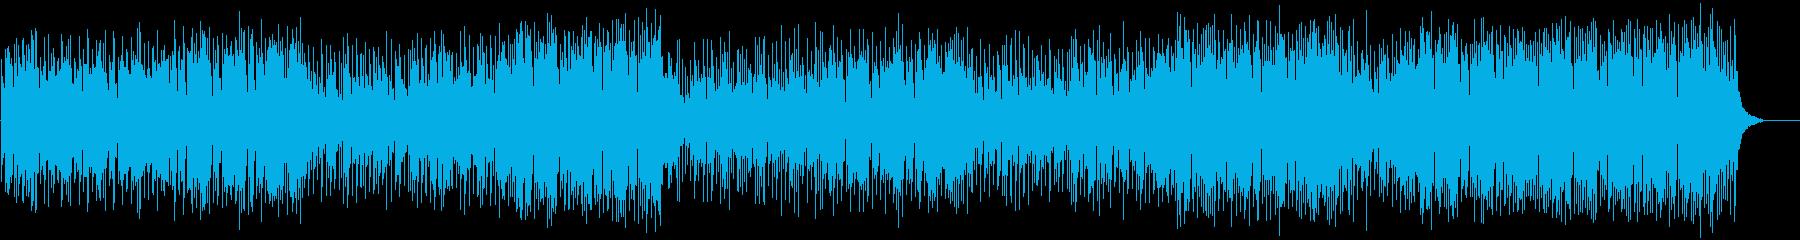 充実したゆったりポップ(フルサイズ)の再生済みの波形